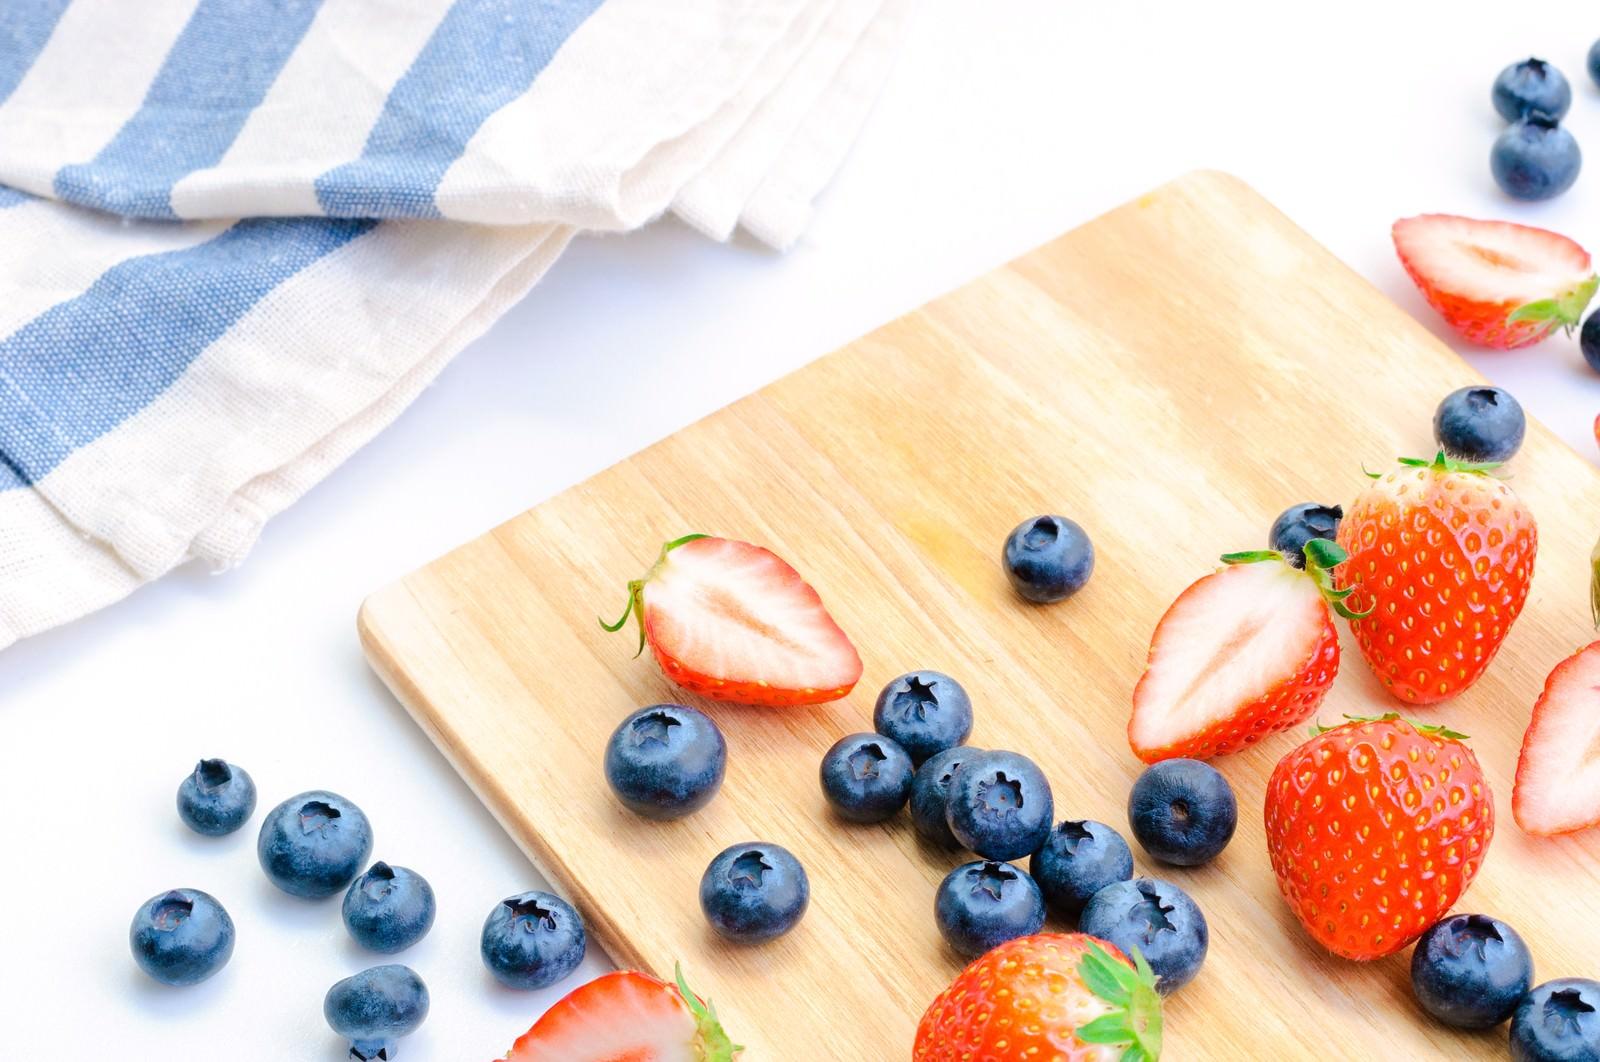 「甘いイチゴとブルーベリー甘いイチゴとブルーベリー」のフリー写真素材を拡大